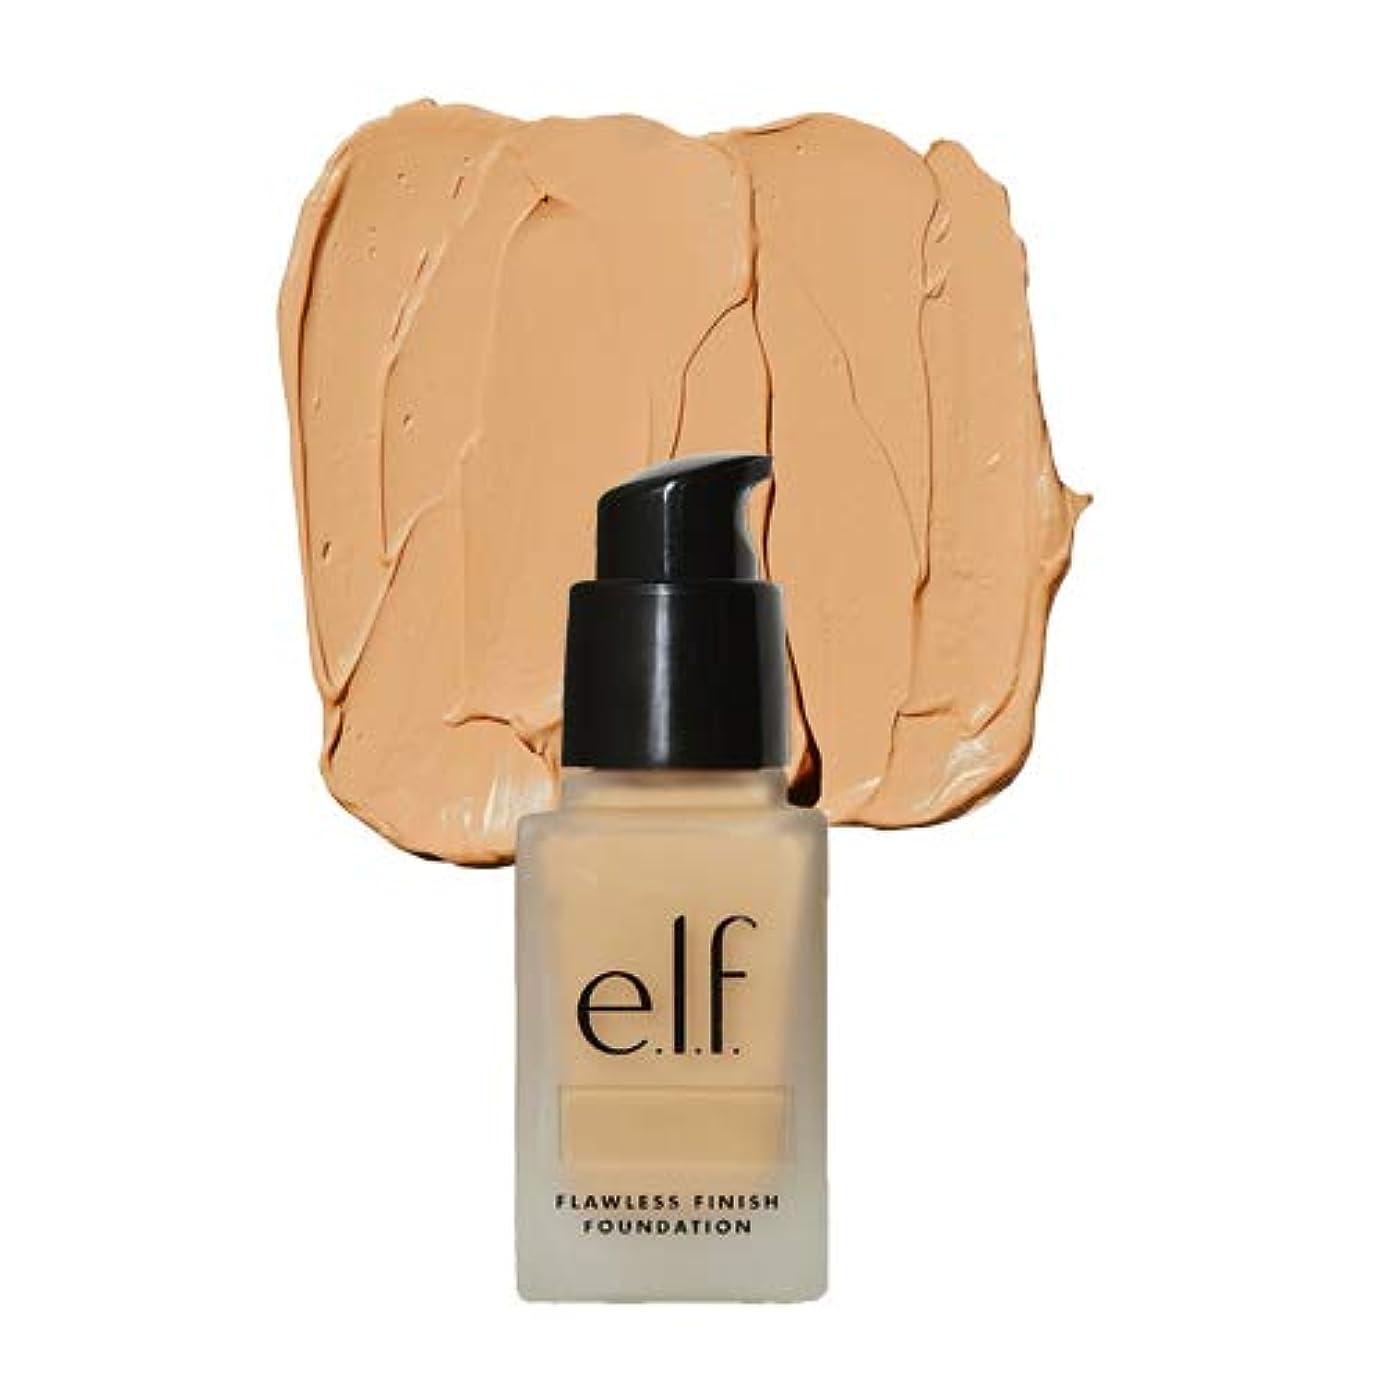 資本ダイエットチャンピオンシップ(3 Pack) e.l.f. Oil Free Flawless Finish Foundation - Buff (並行輸入品)